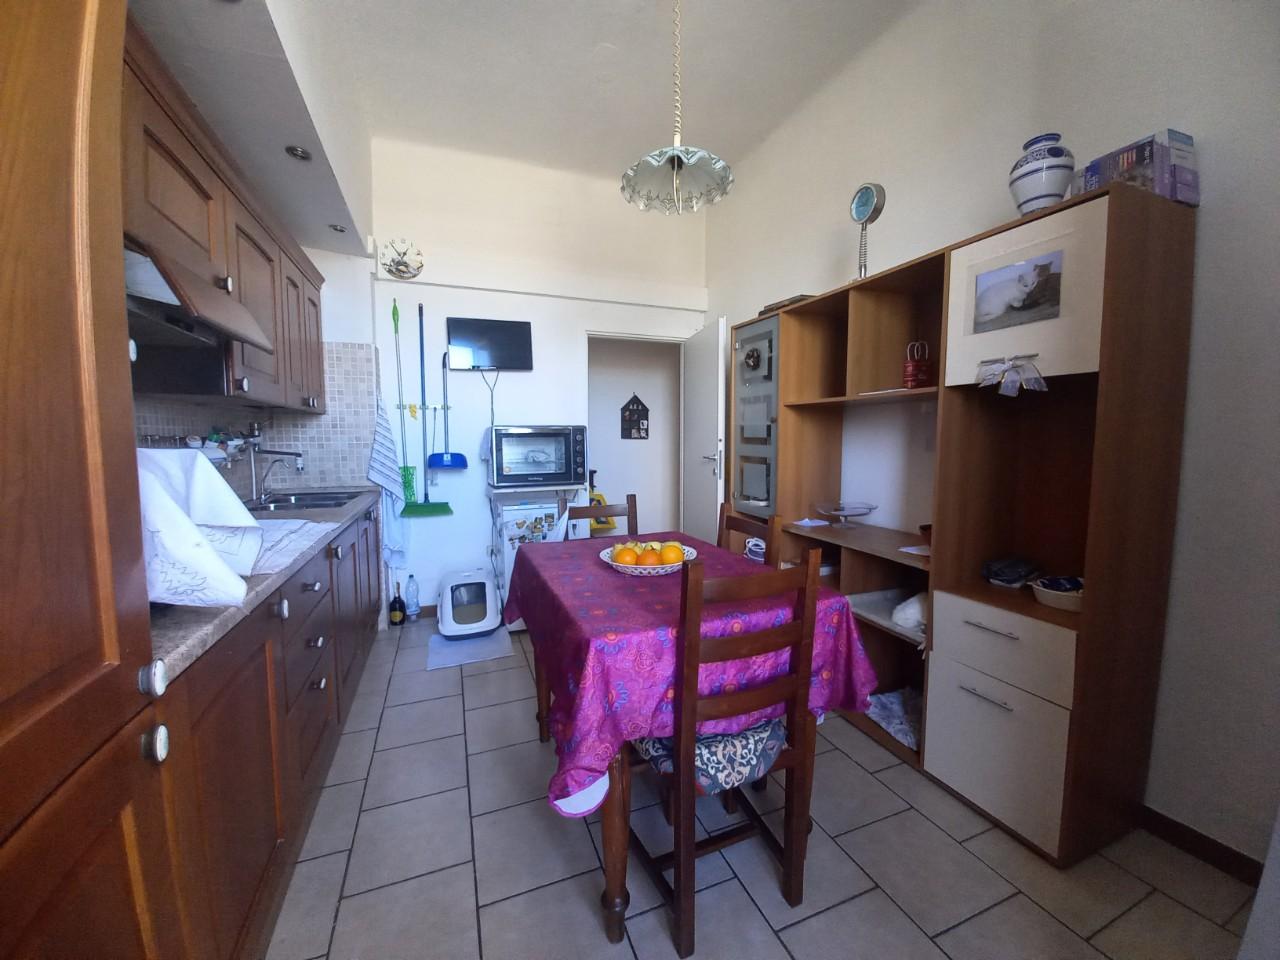 Appartamento in vendita Forli Zona Stazione